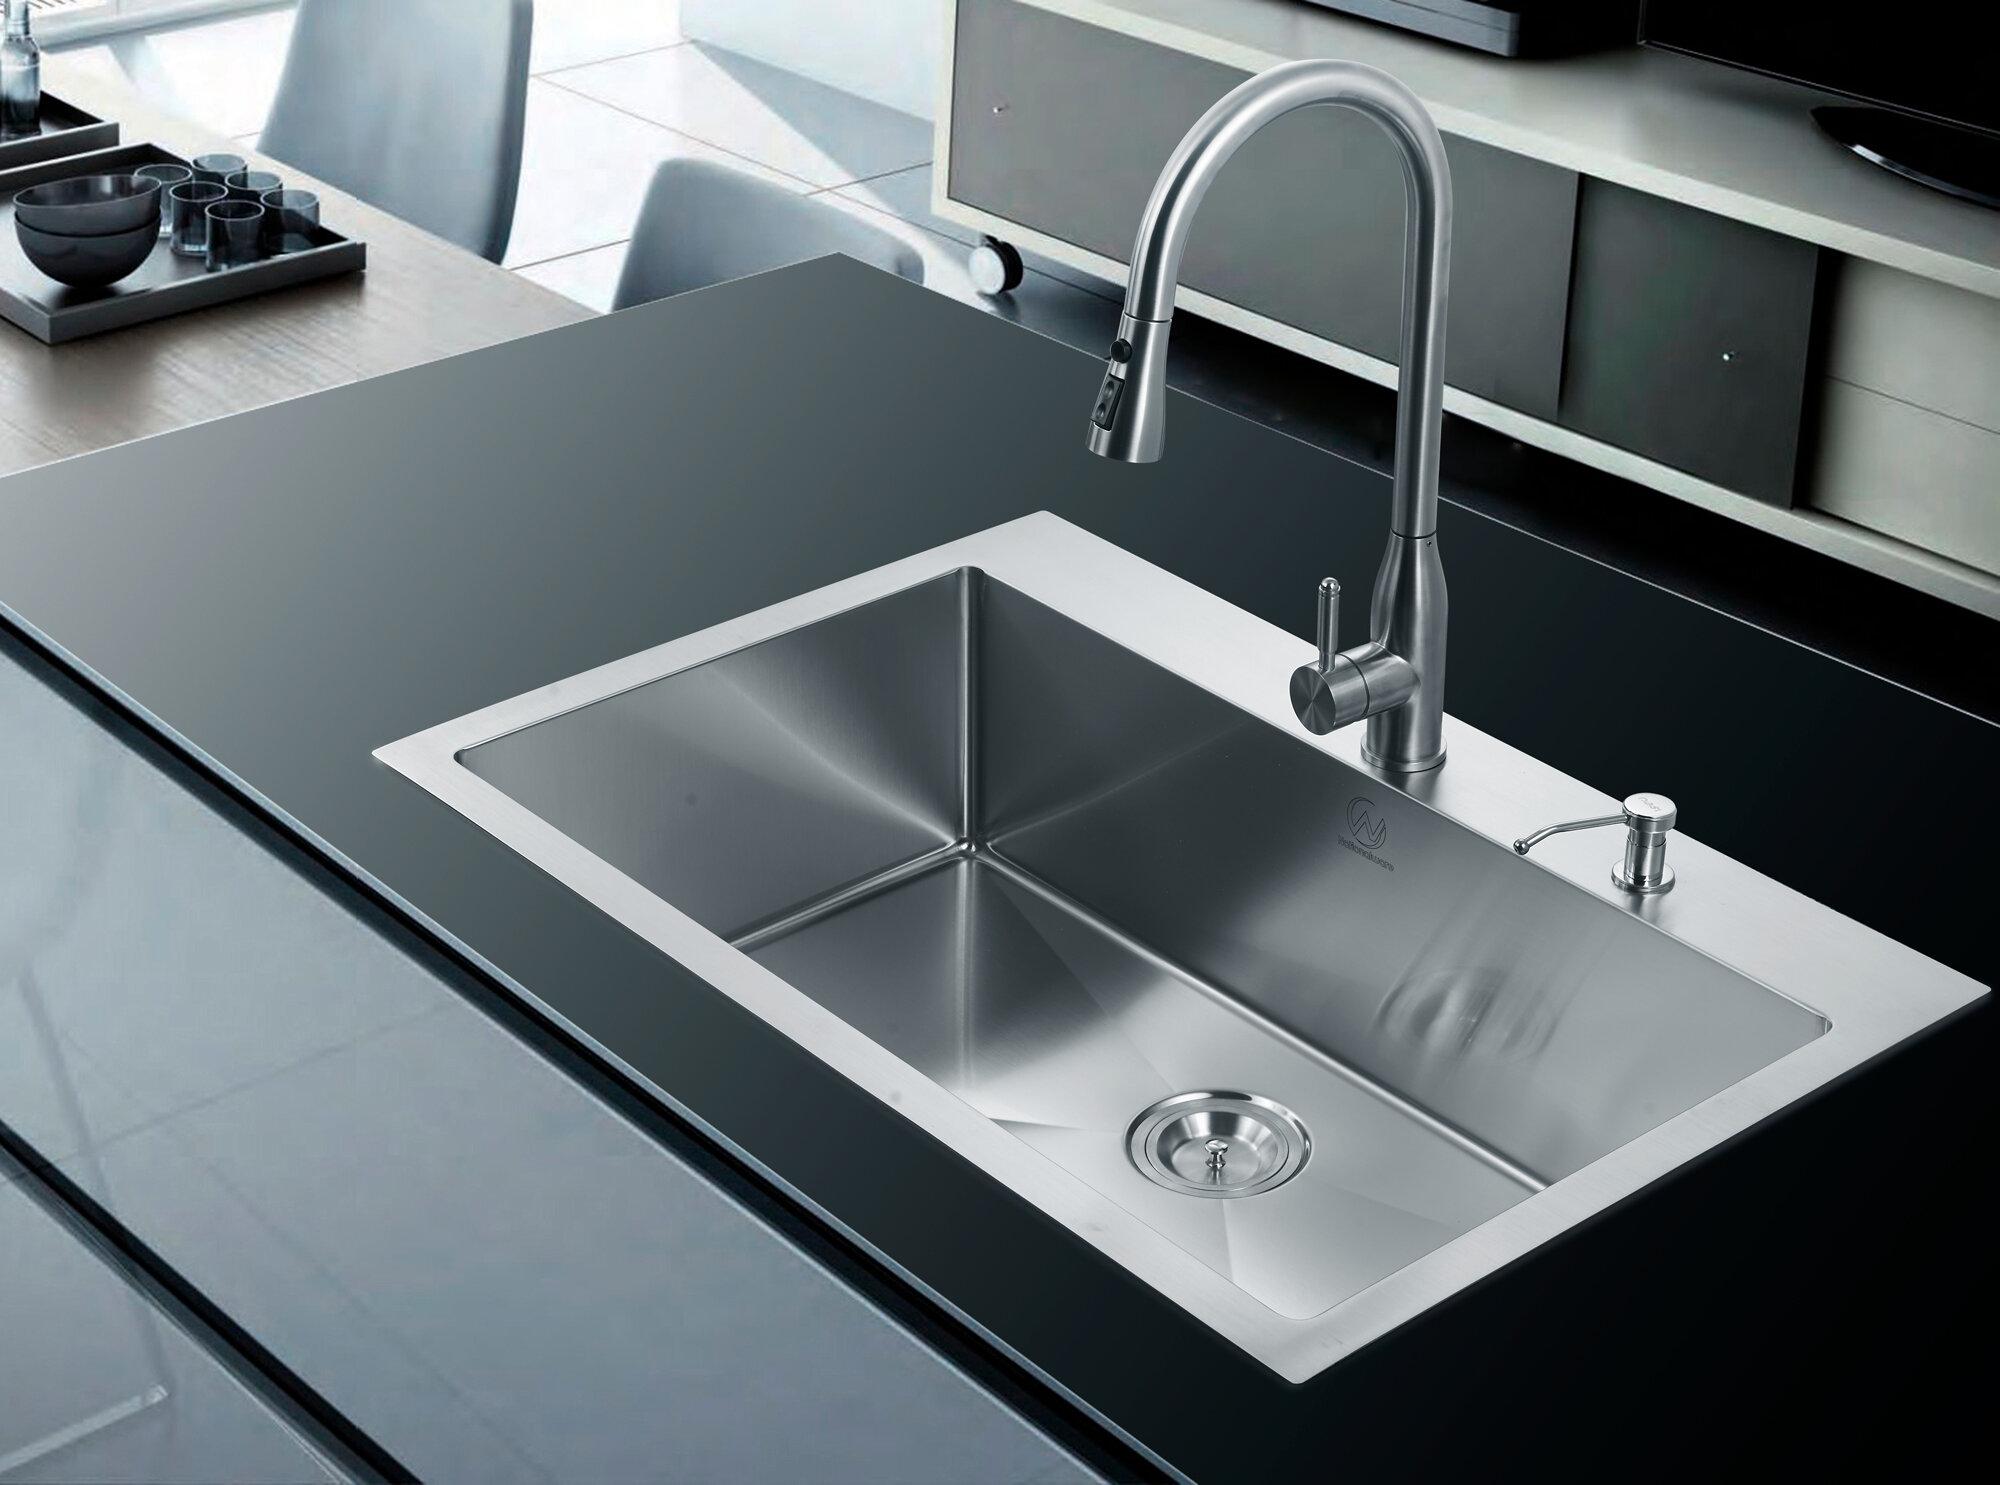 Dcor design 33 x 22 single drop in kitchen sink ebay for Designer kitchen sinks stainless steel